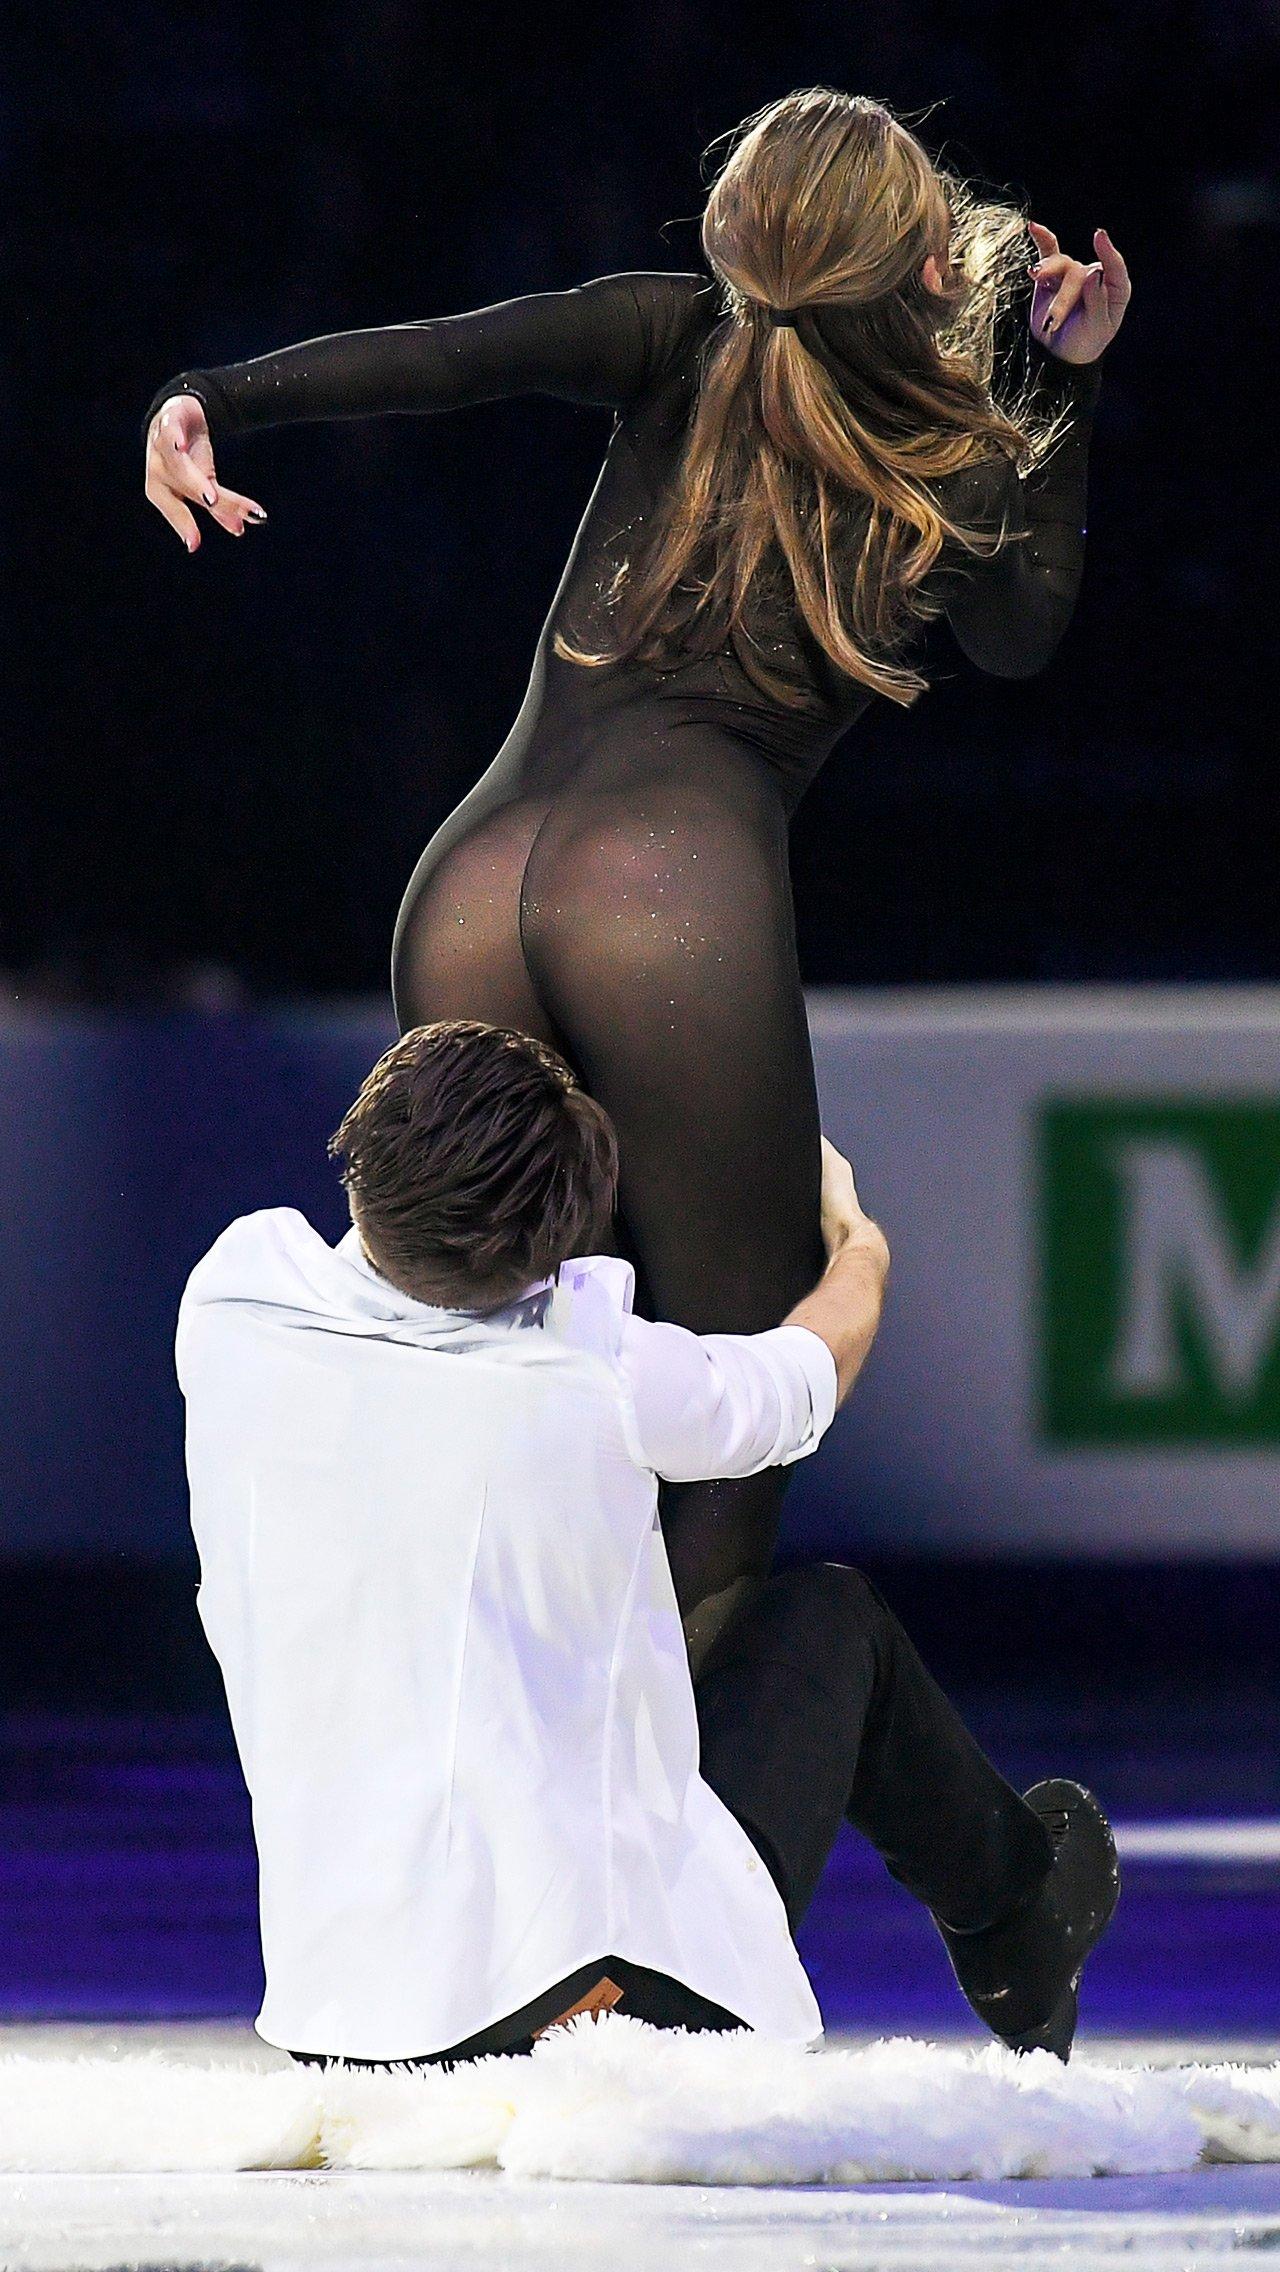 Комбинезон Александры Степановой для показательного номера вызвал бурные споры.